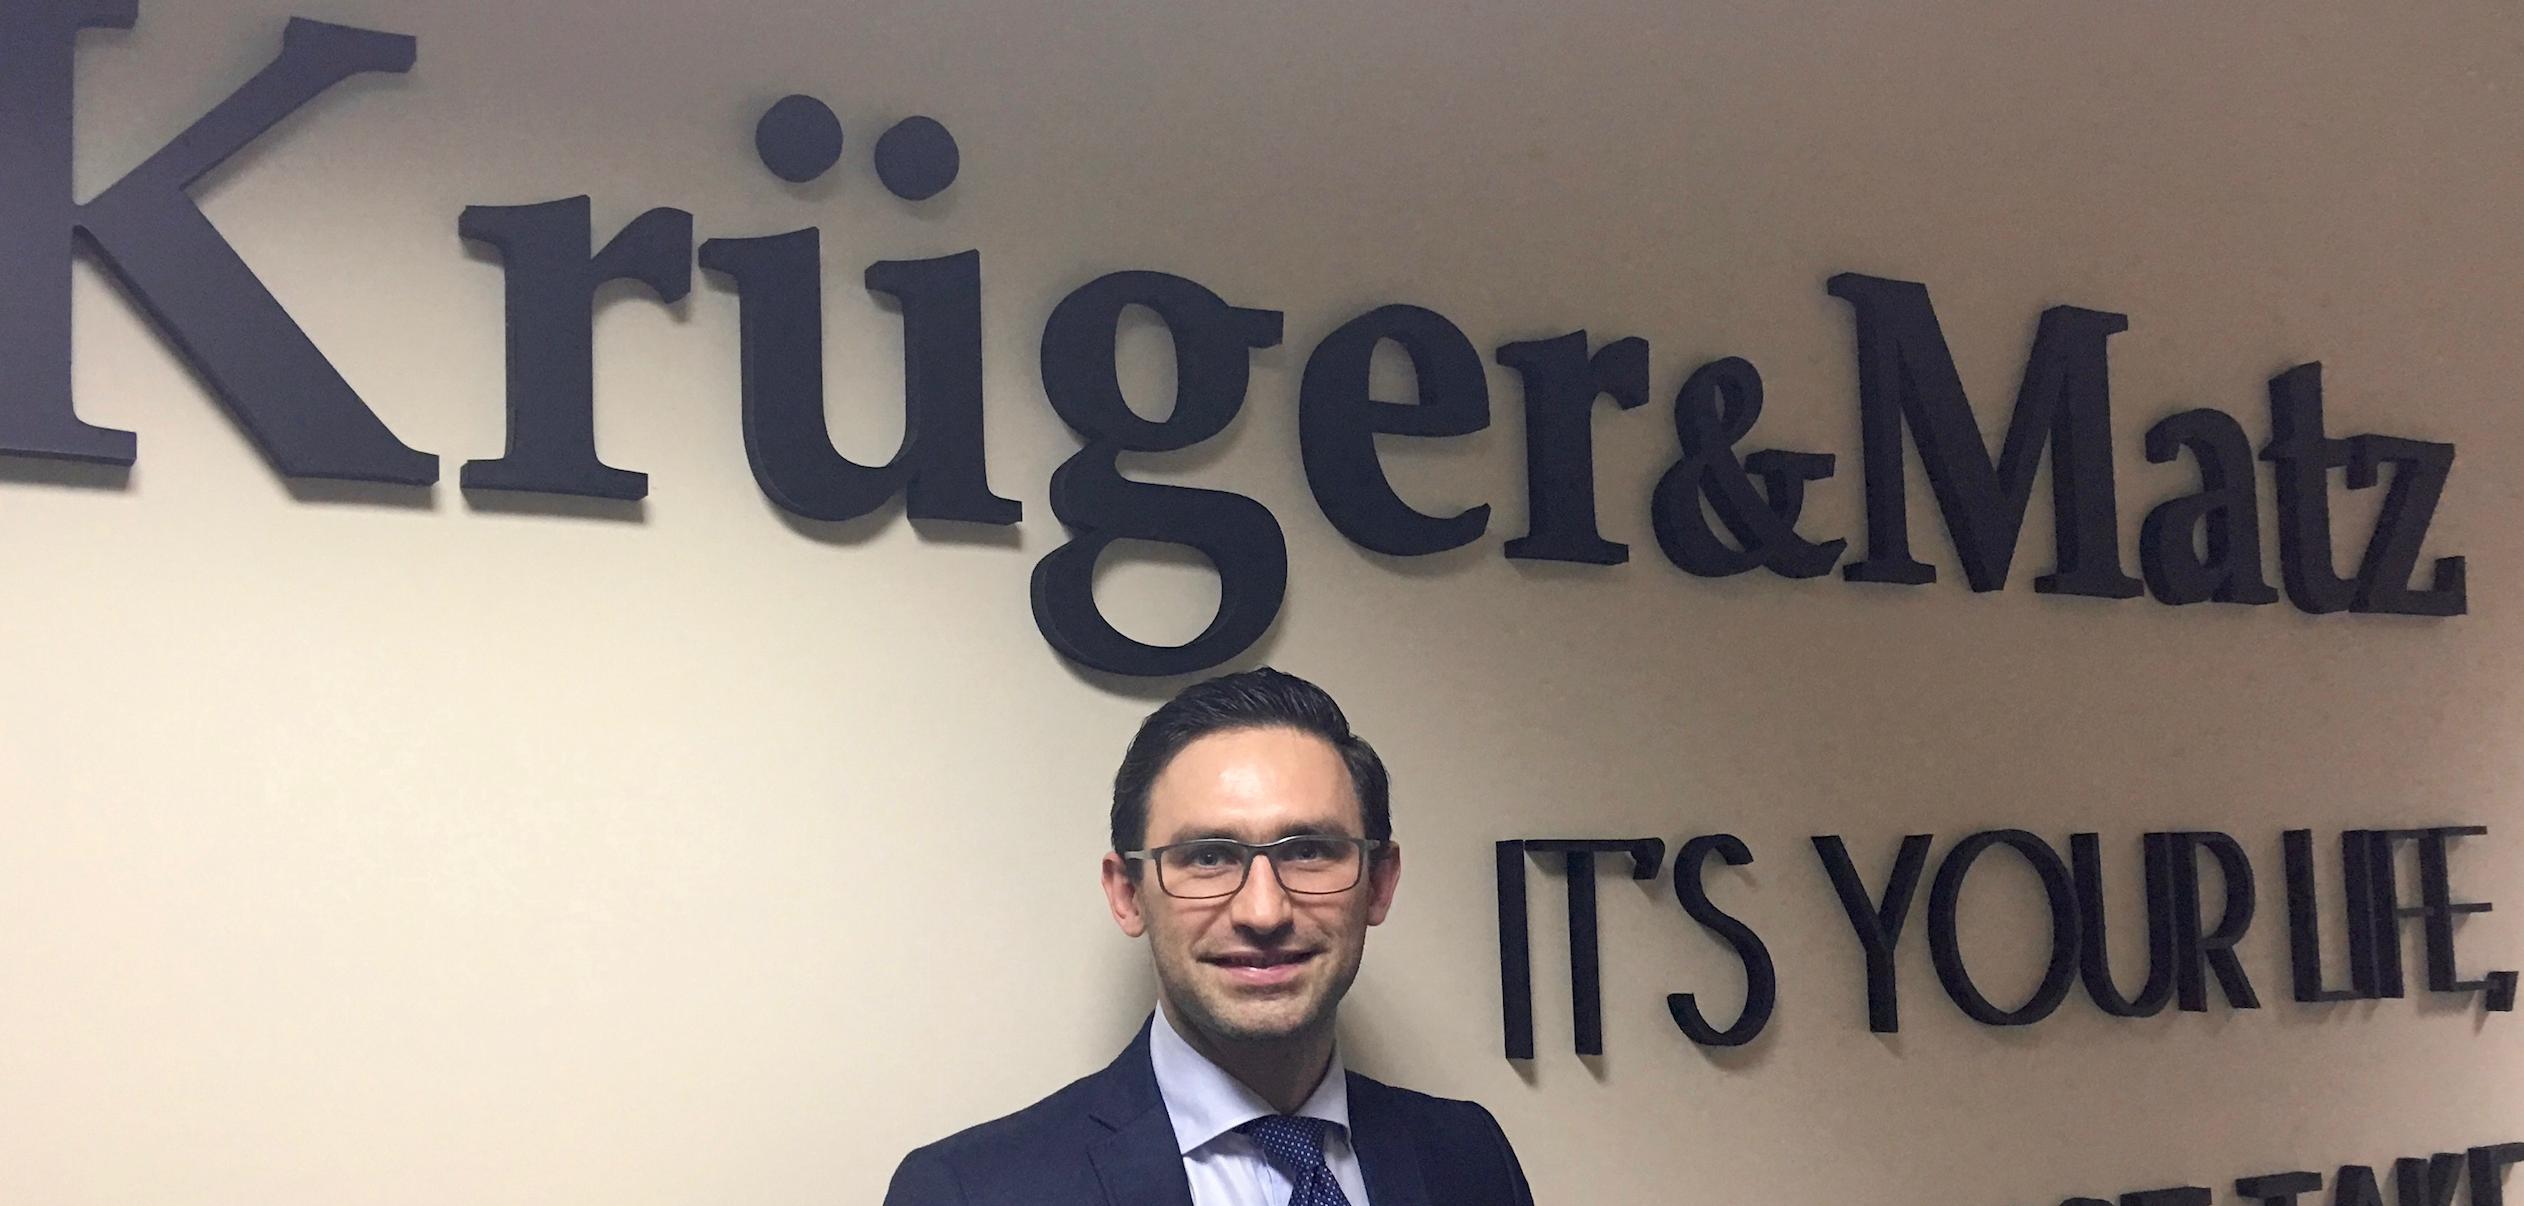 Gdy widzę, co się dzieje z GoCleverem, czy Prestigio, to wiem, że obraliśmy dobrą drogę – mówi Michał Leszek z Kruger&Matz